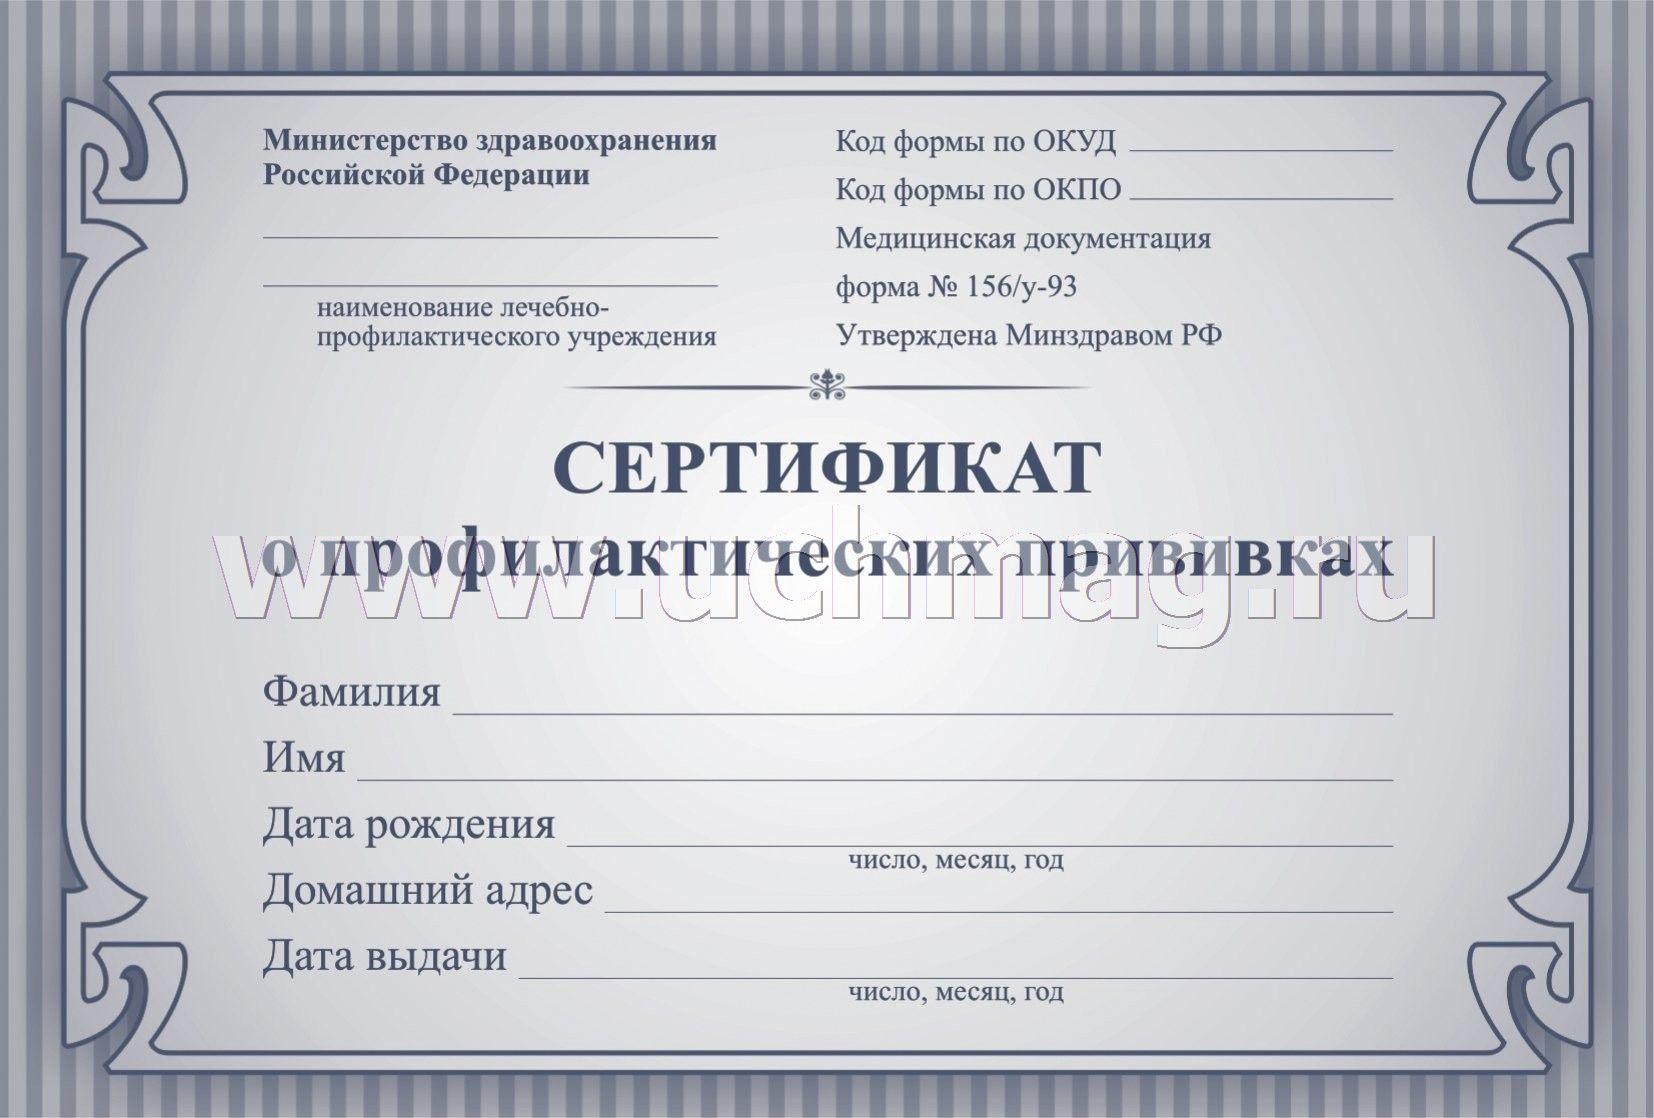 Сертификат о профилактических прививка Спортивная Медицинская книжка Улица Яблочкова